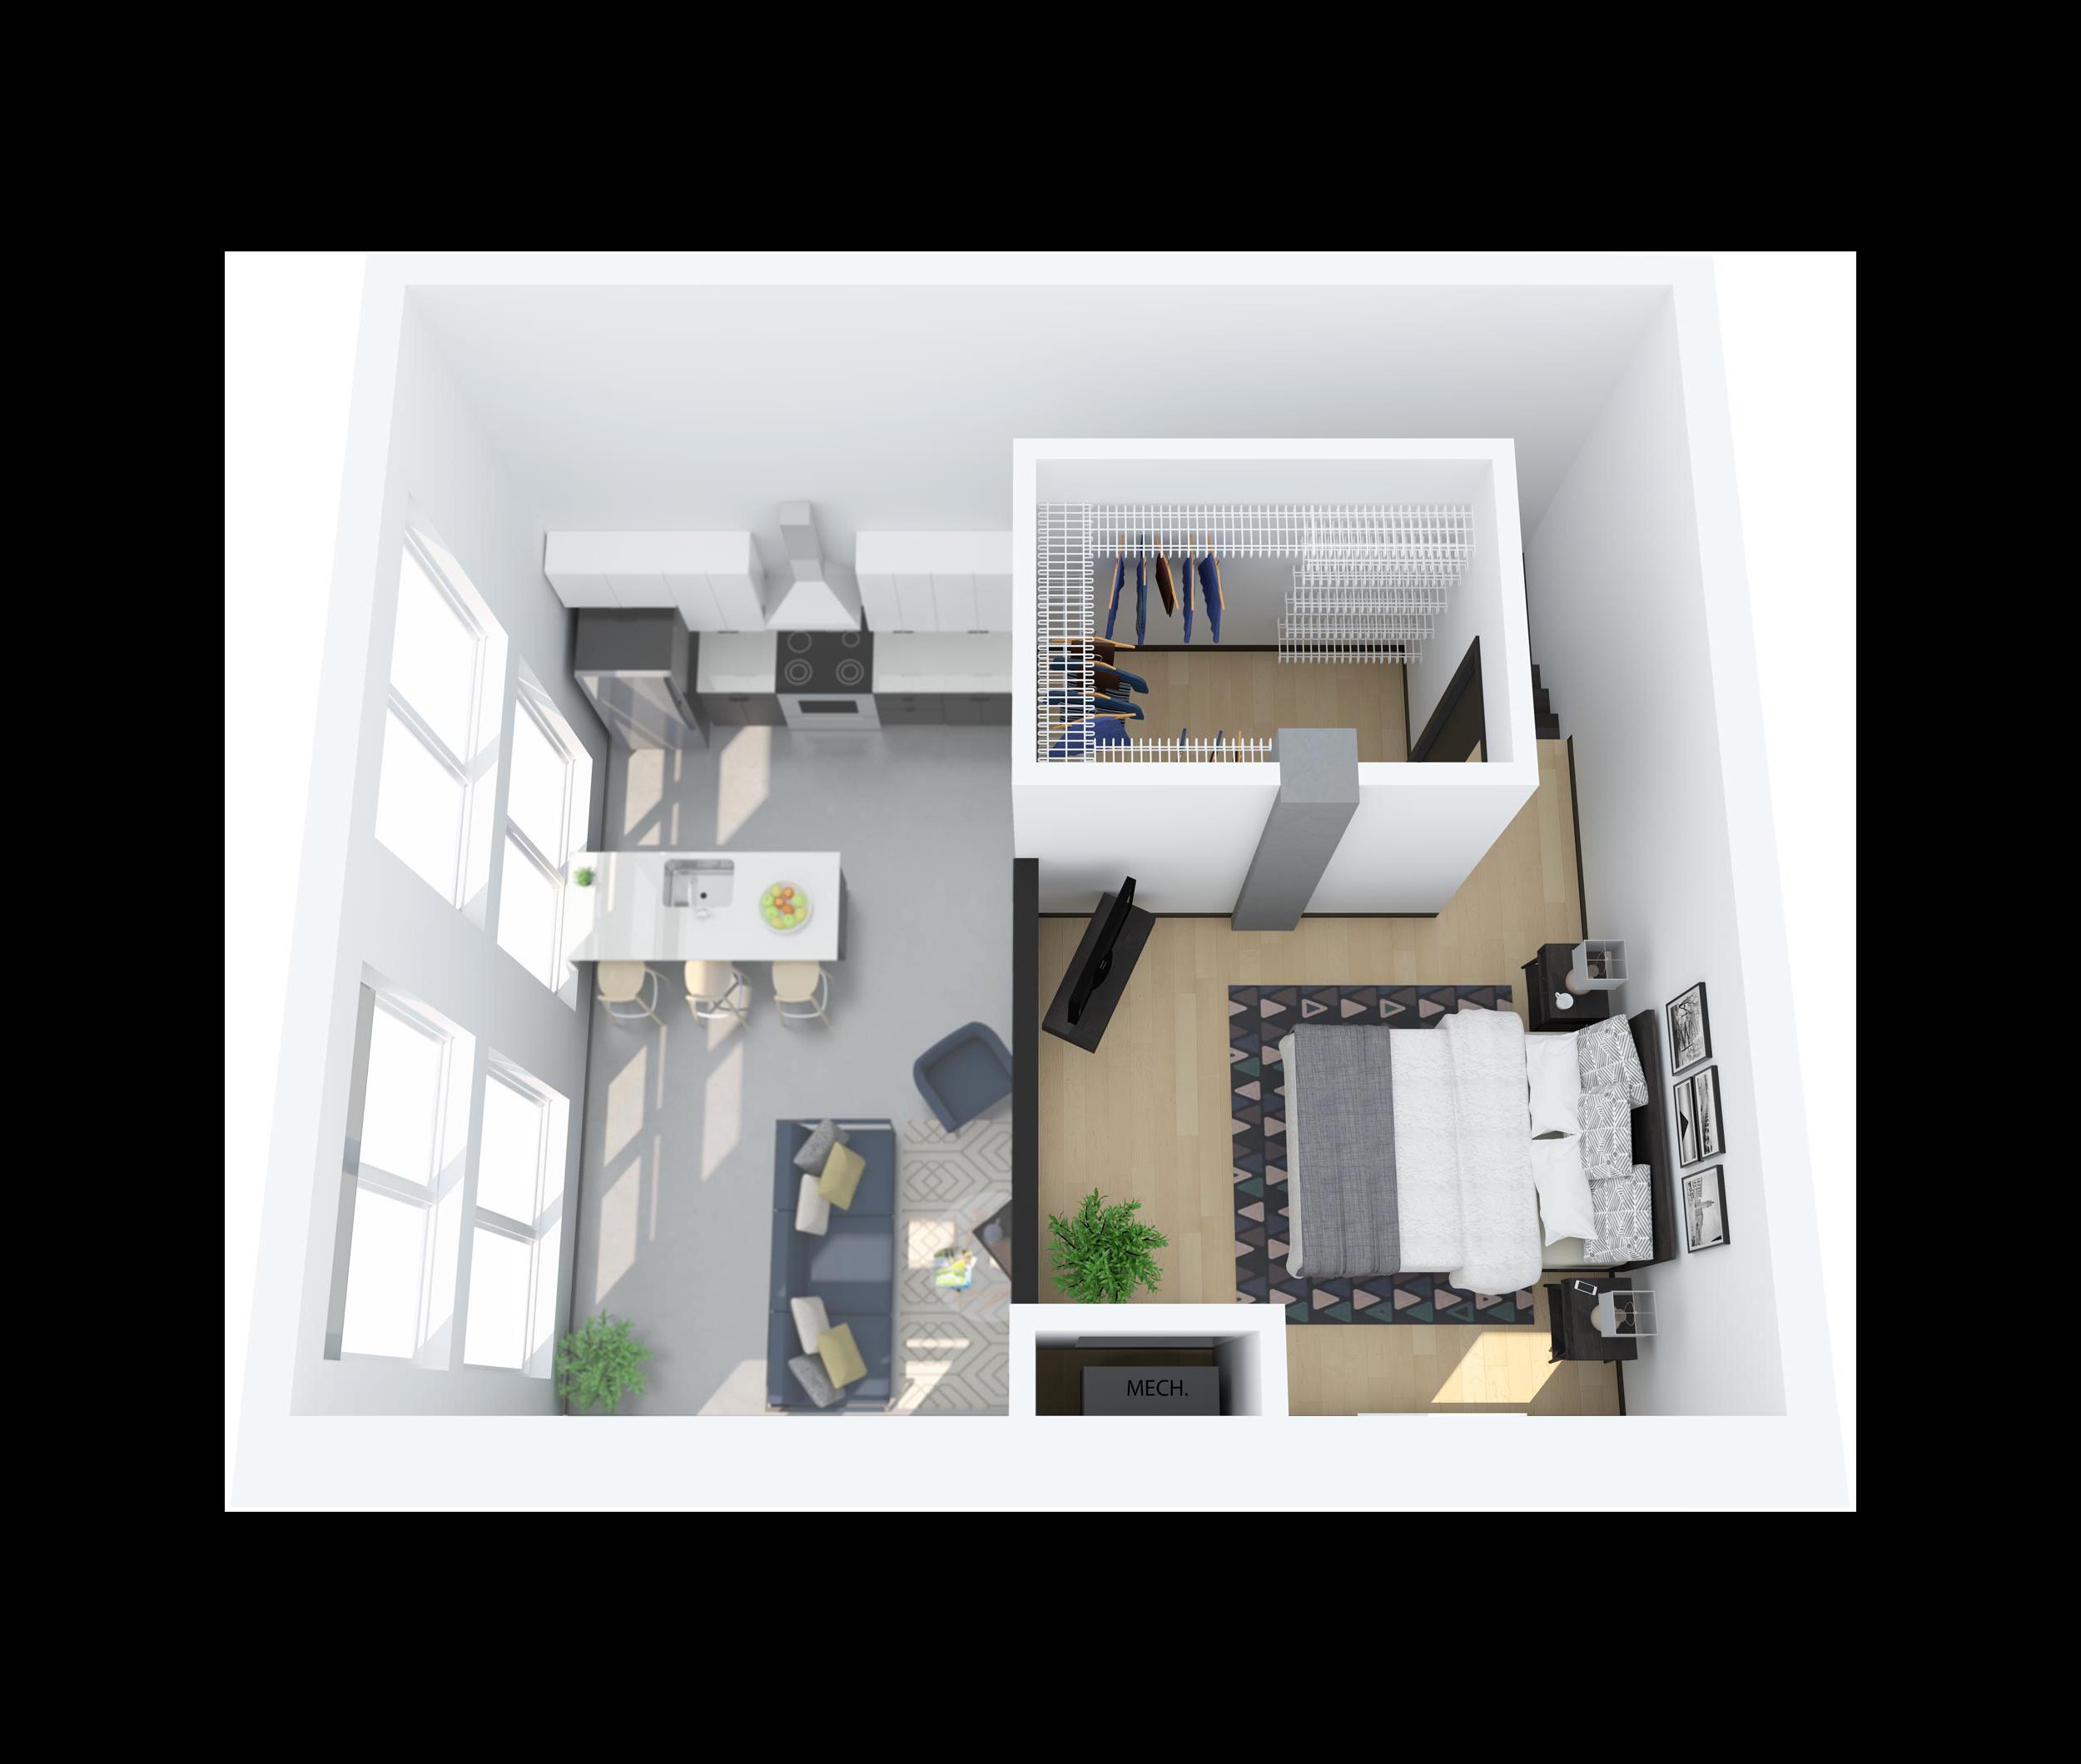 Floor Plan M – 1 Bedroom Loft Apartment